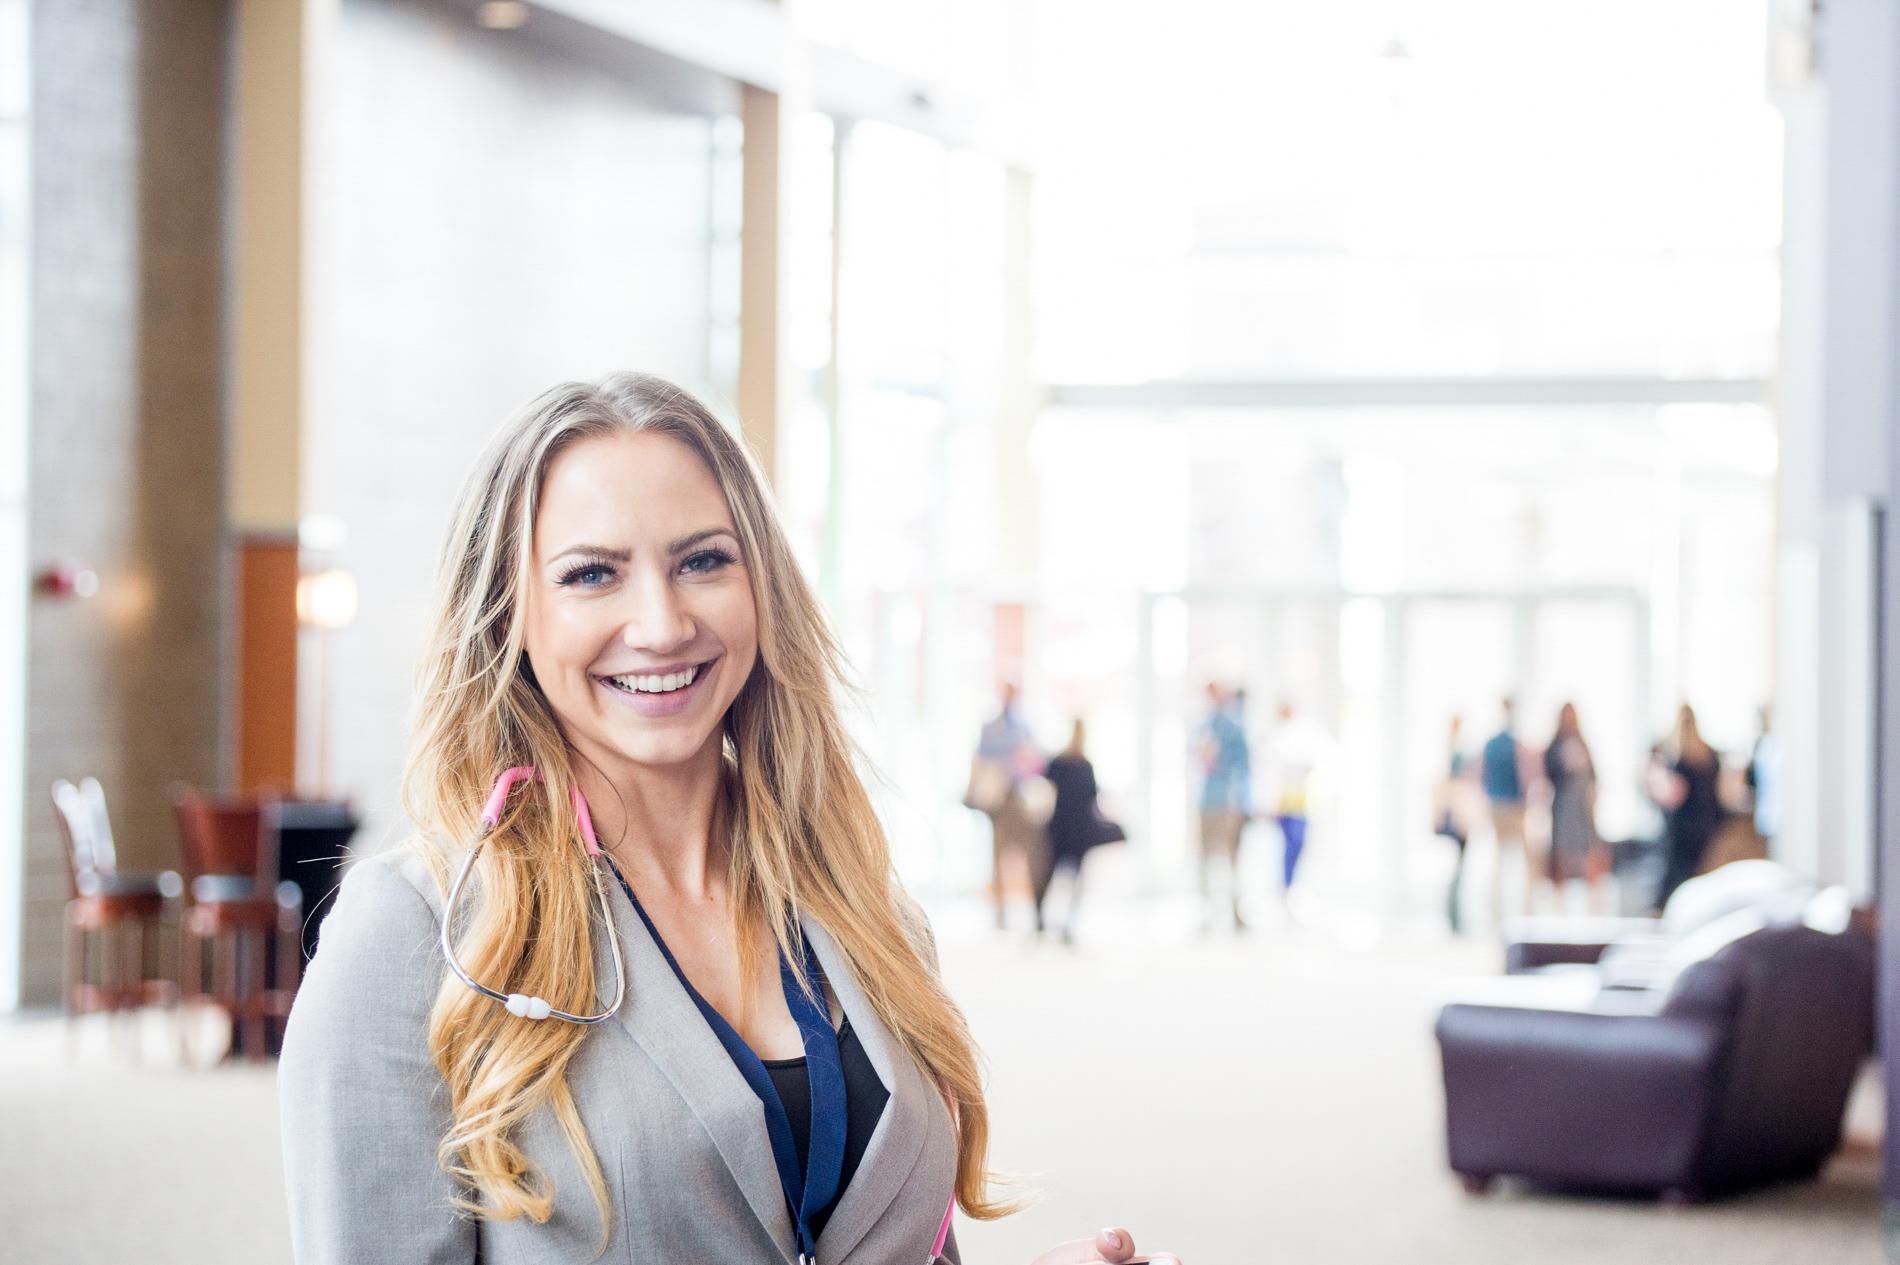 Portrait at a Convention